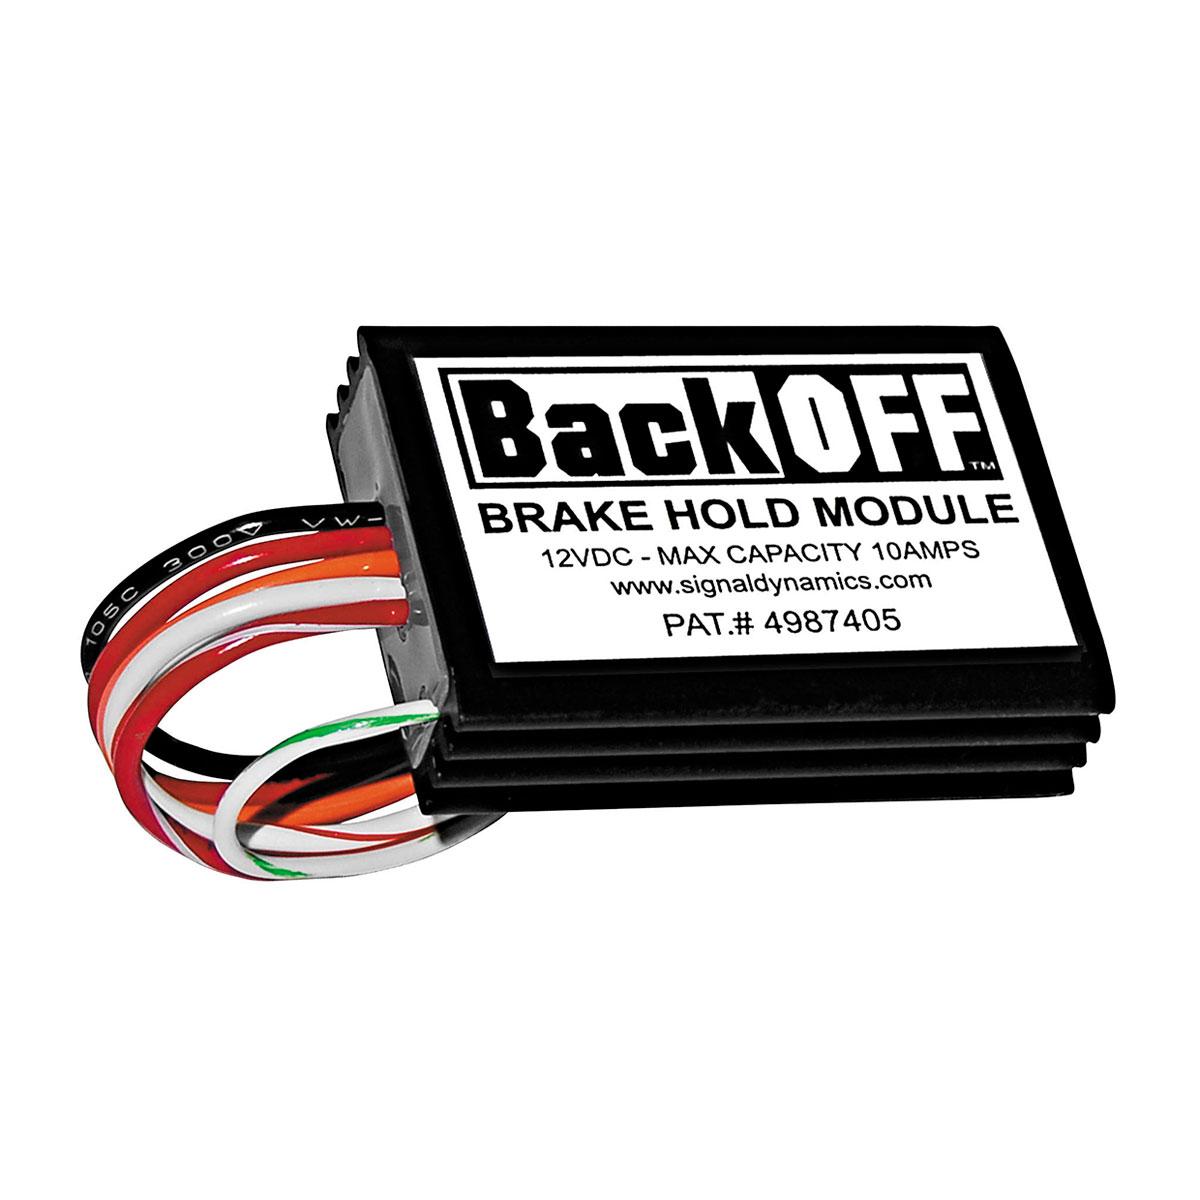 Back OFF Brake Hold Module